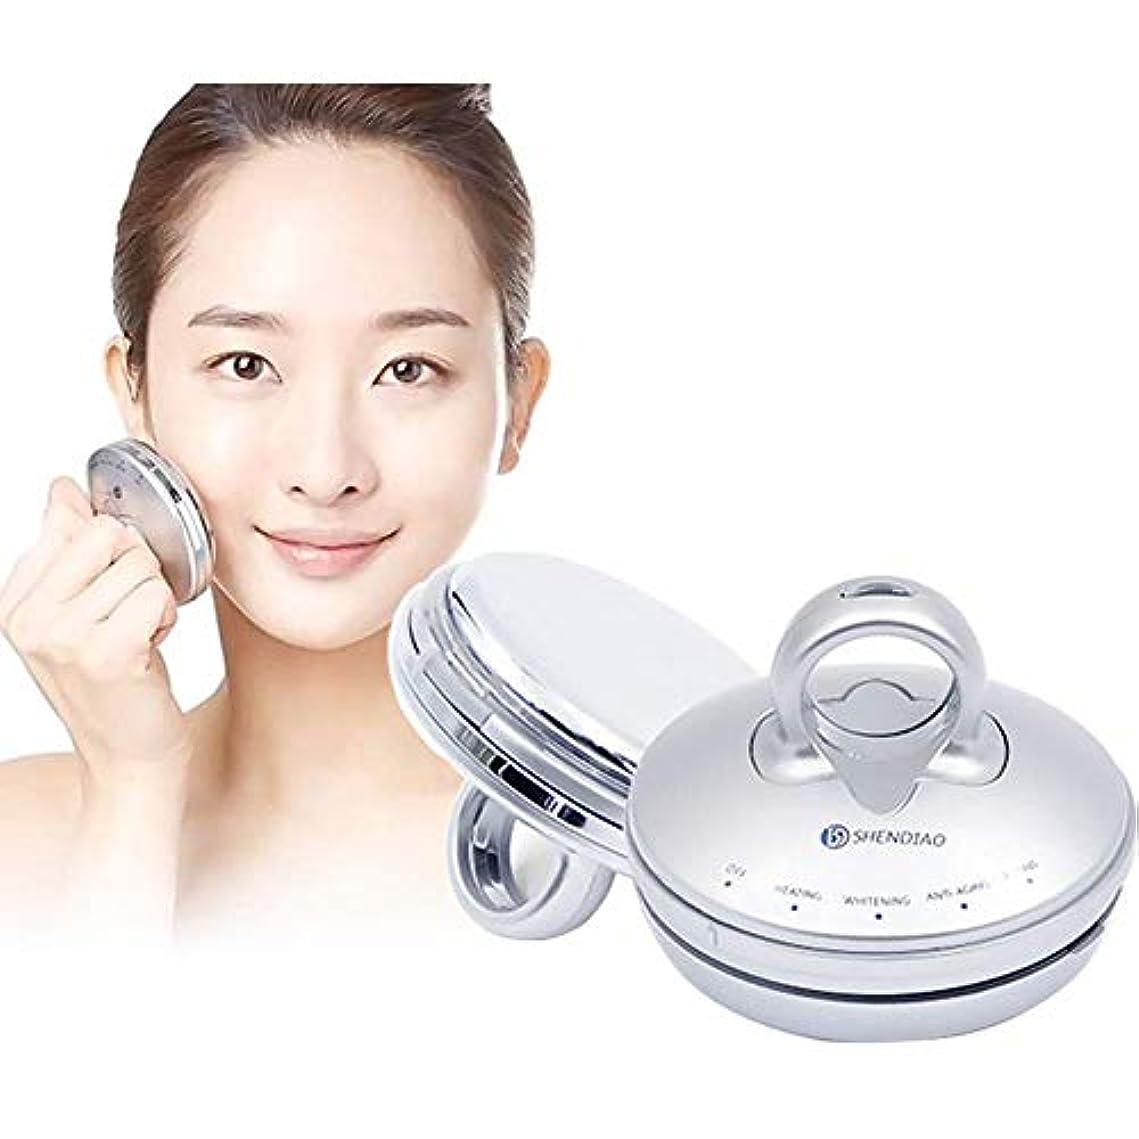 作ります発疹蓄積する美のマッサージャー、顔のマッサージャーの振動美装置の顔のしわのスキンケアの上昇の反老化の白くなるマッサージャー